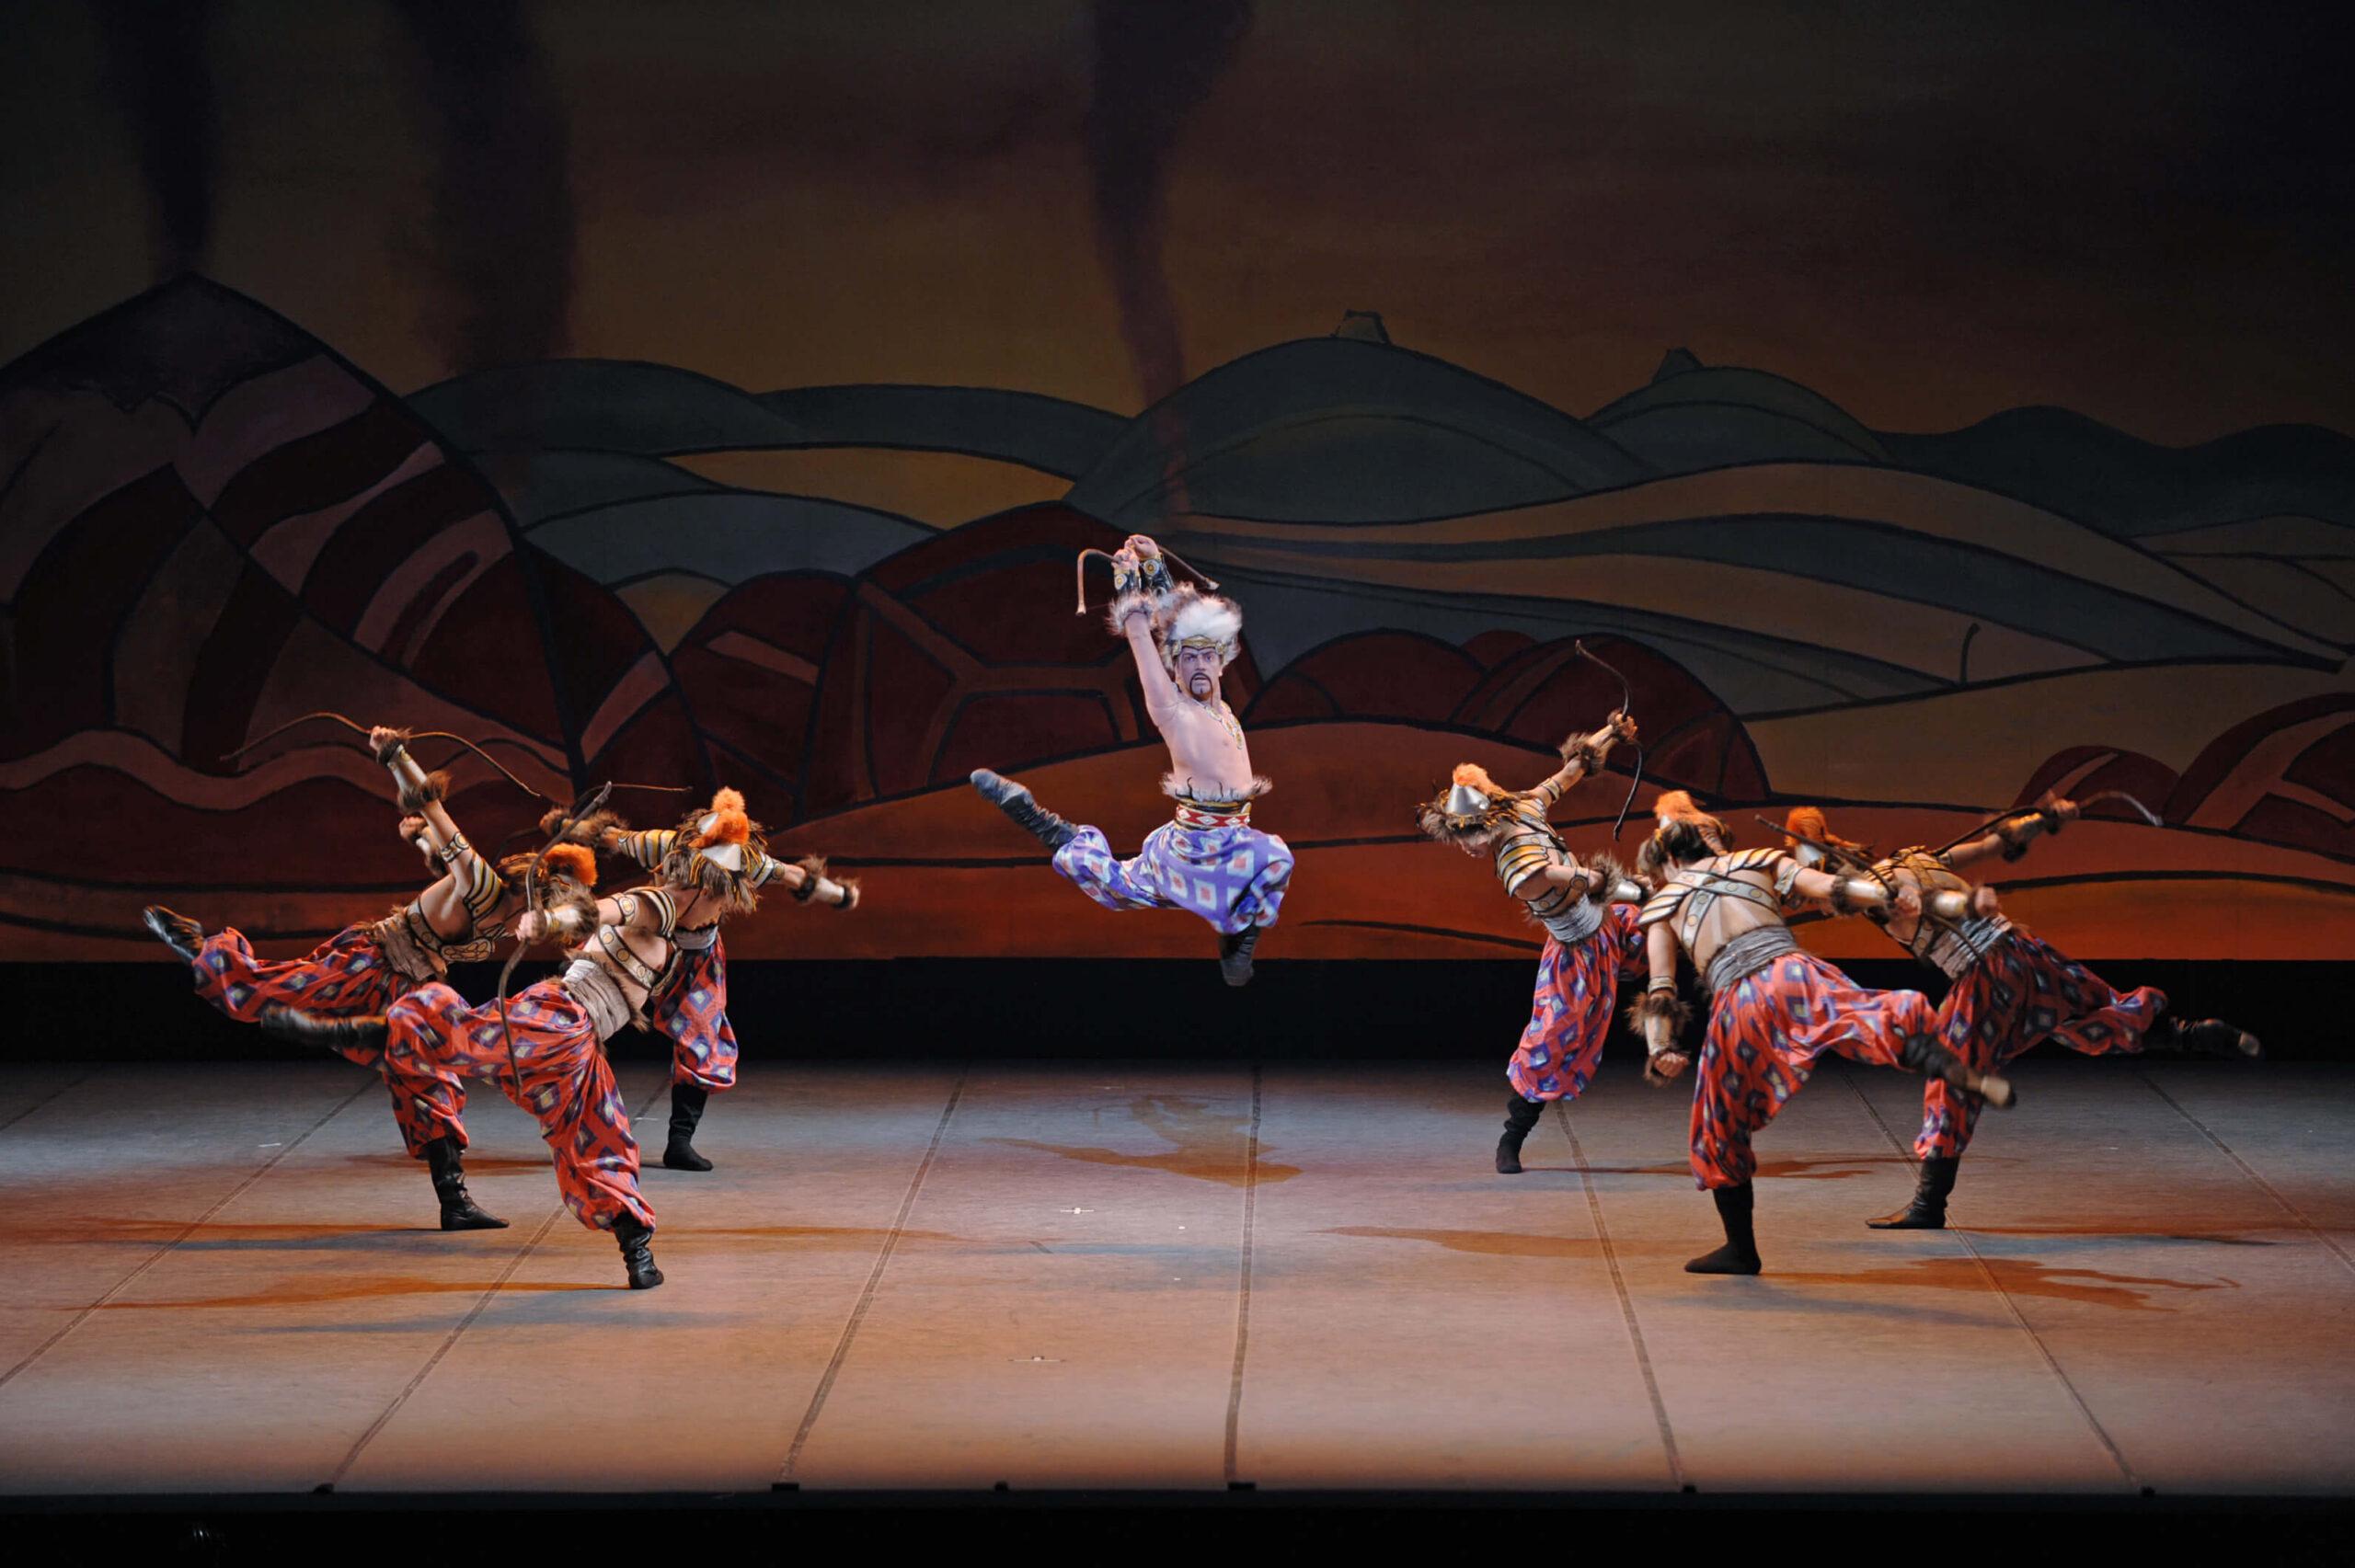 ポロヴェッツ人の踊り(セルゲイ・ヴィハレフ) 写真1